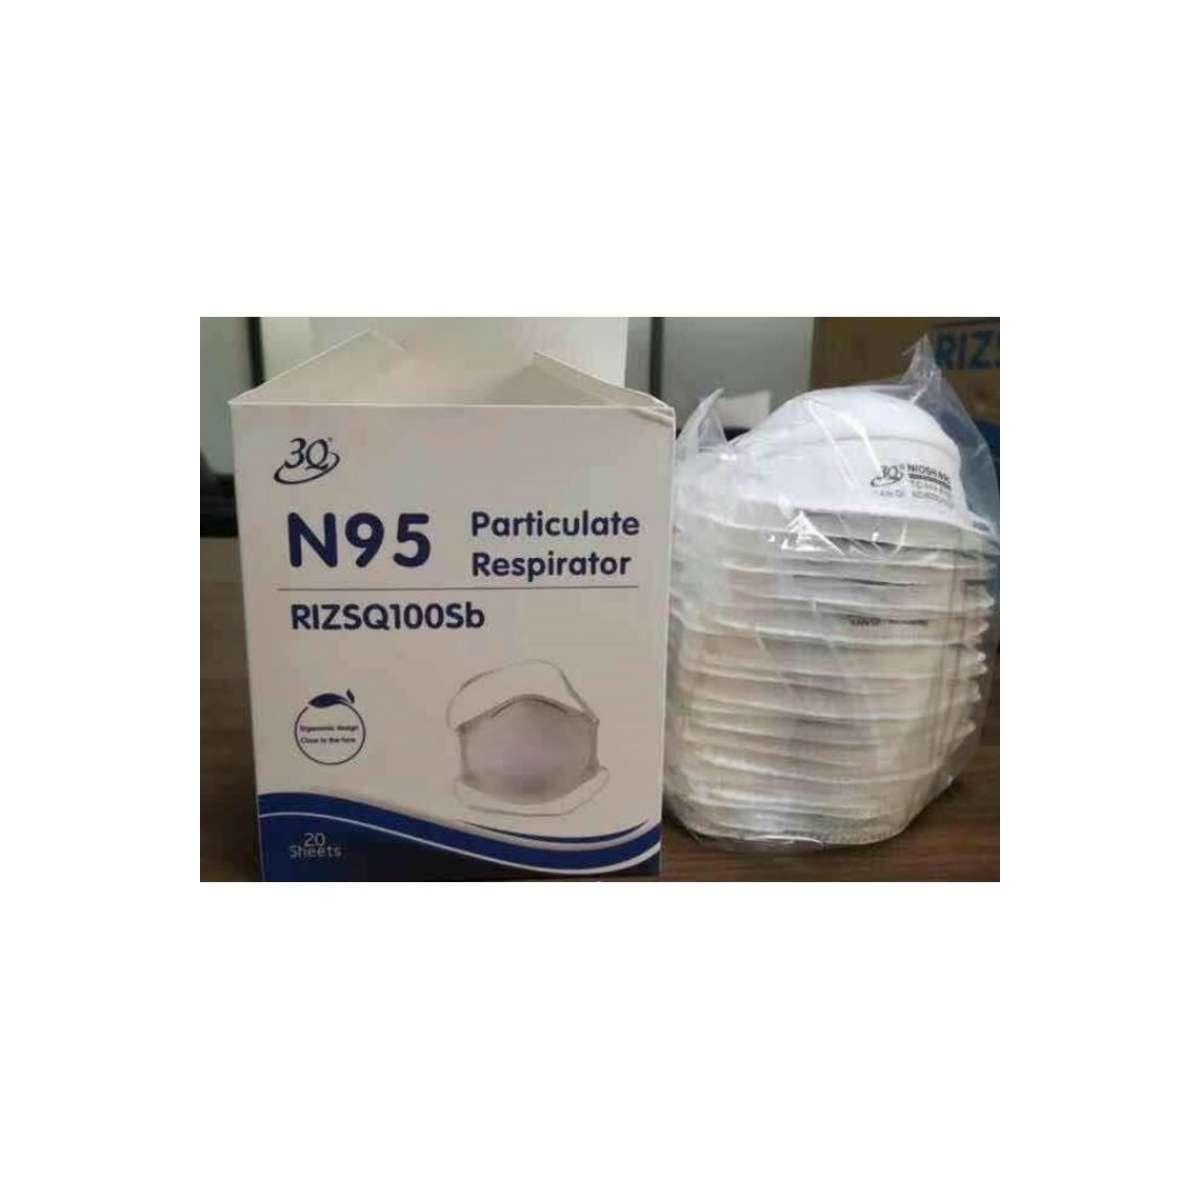 N95 NIOSH or N95 FDA Respirator Mask - Cup -Box of 20